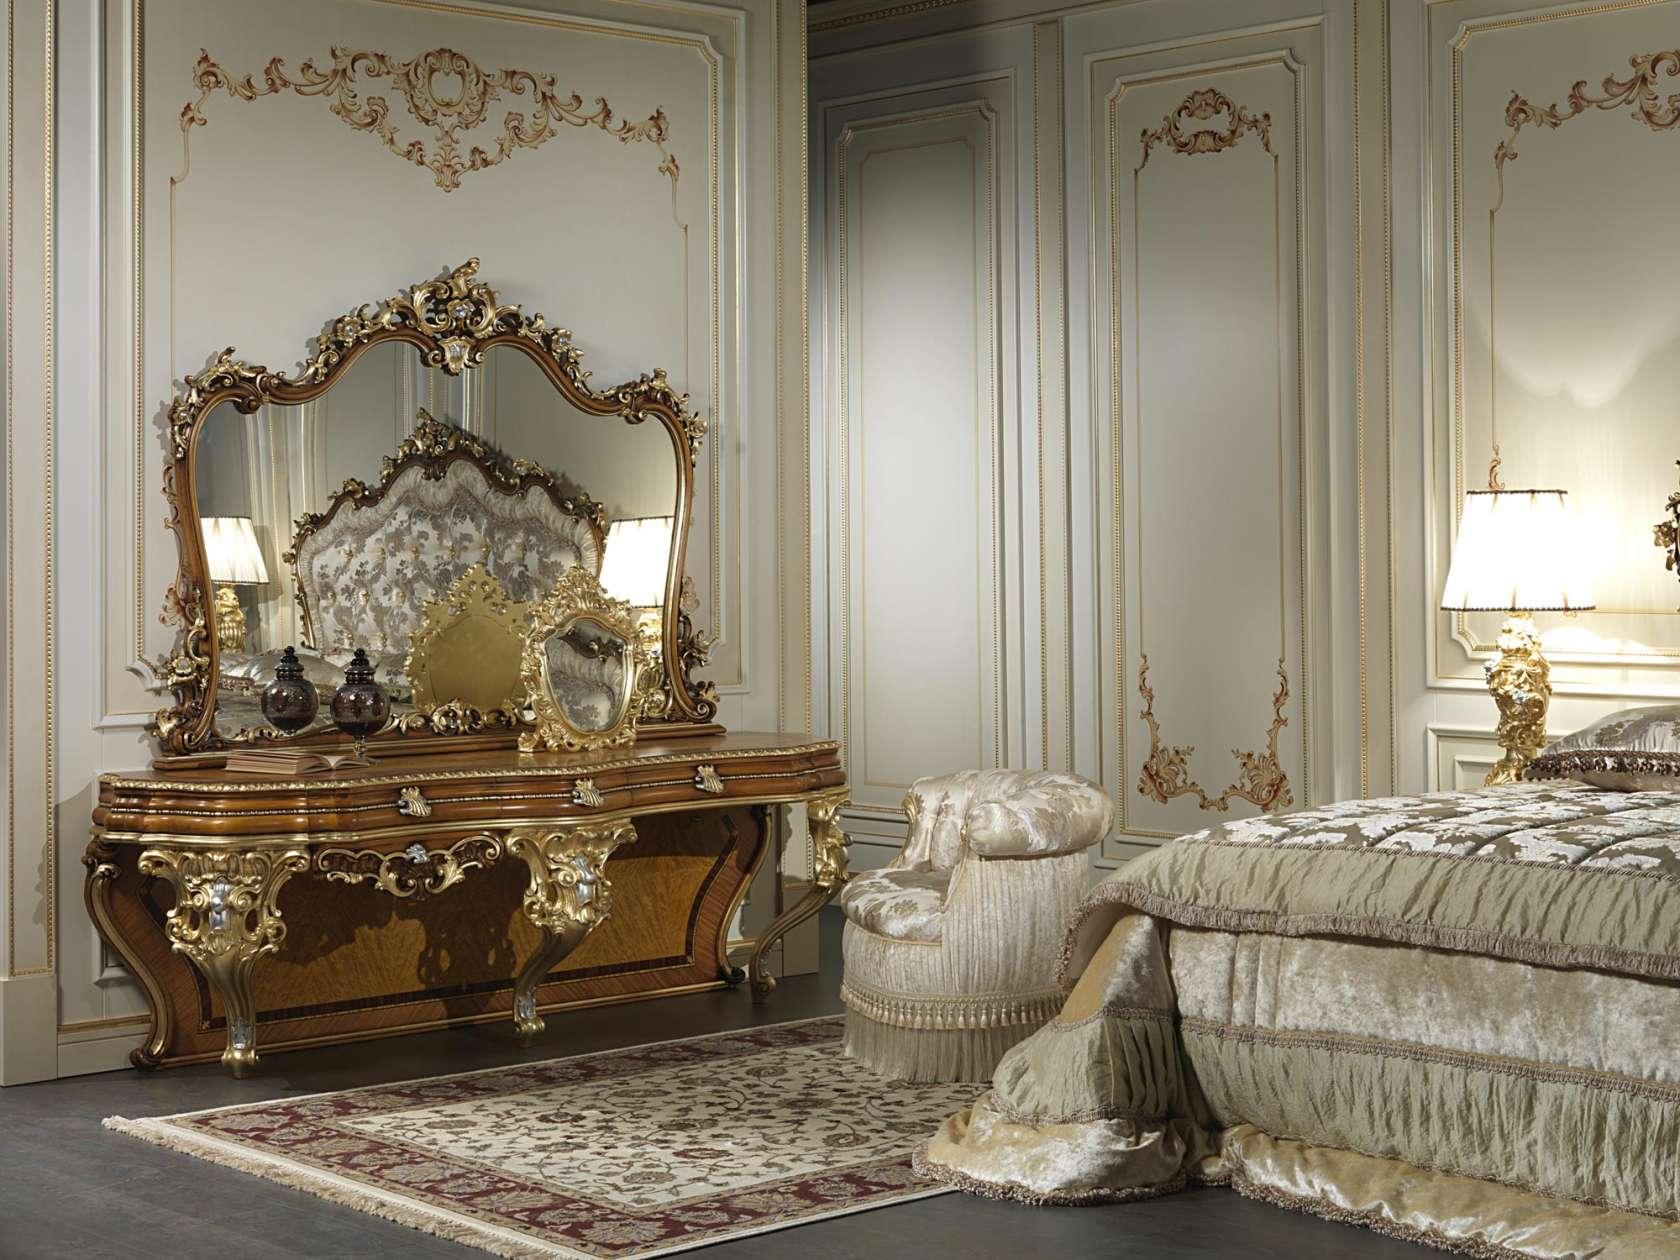 Camera classica barocca art. 2013 | Vimercati Meda